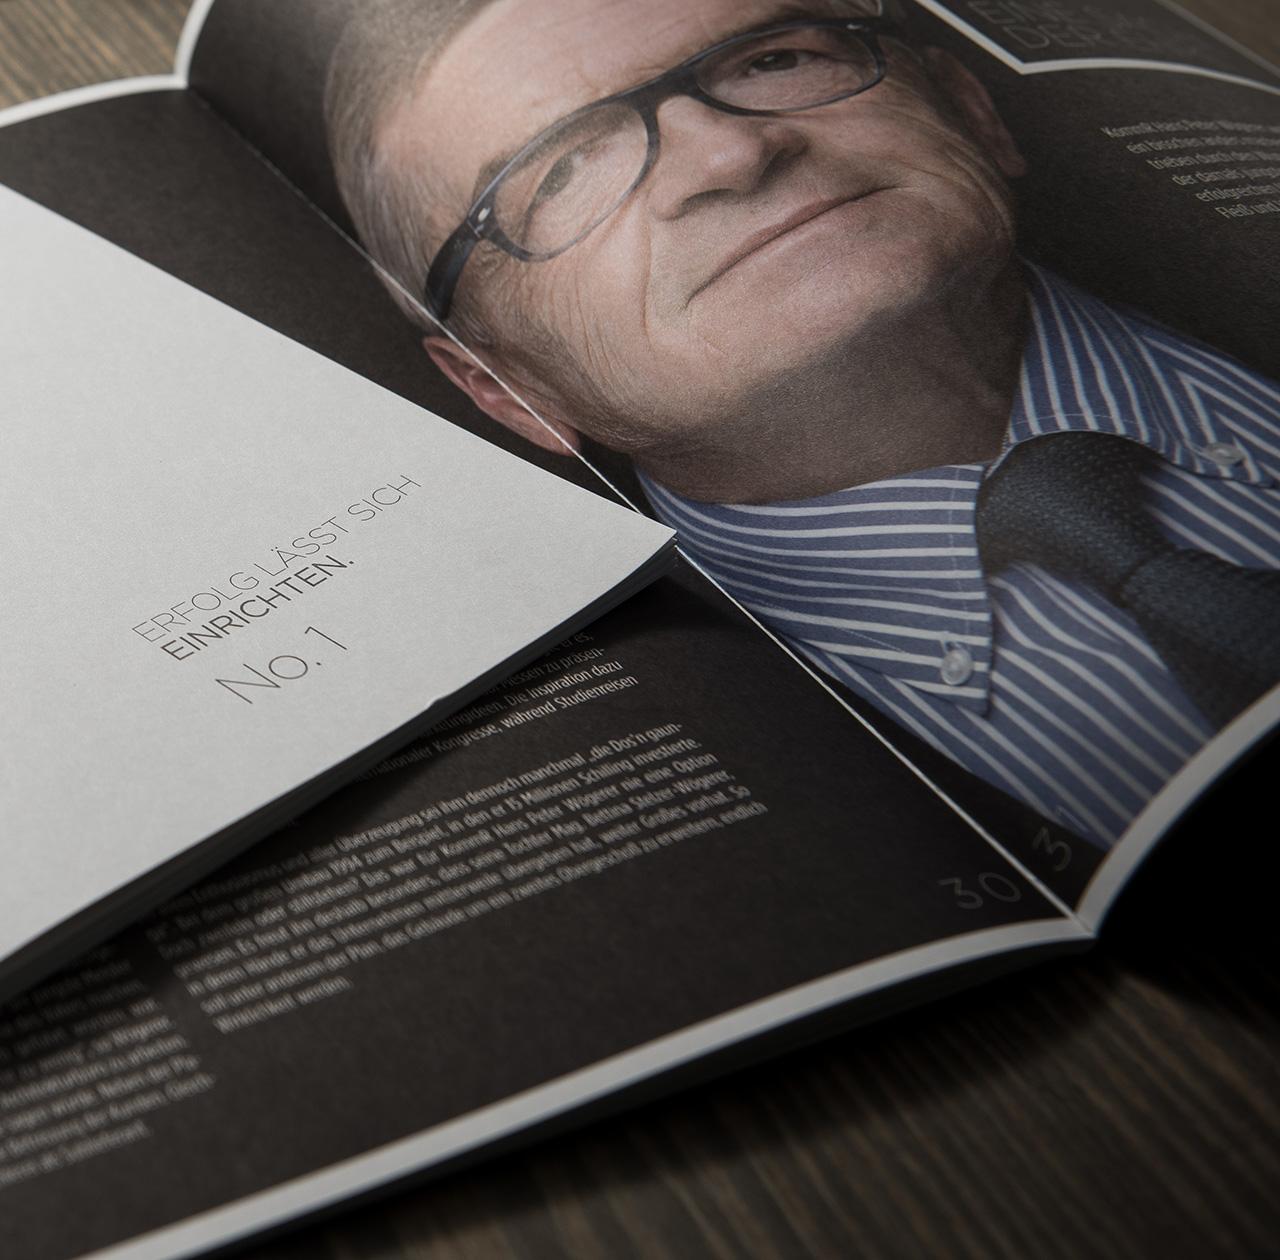 upart Referenz für Wögerer - Magazin Relaunch